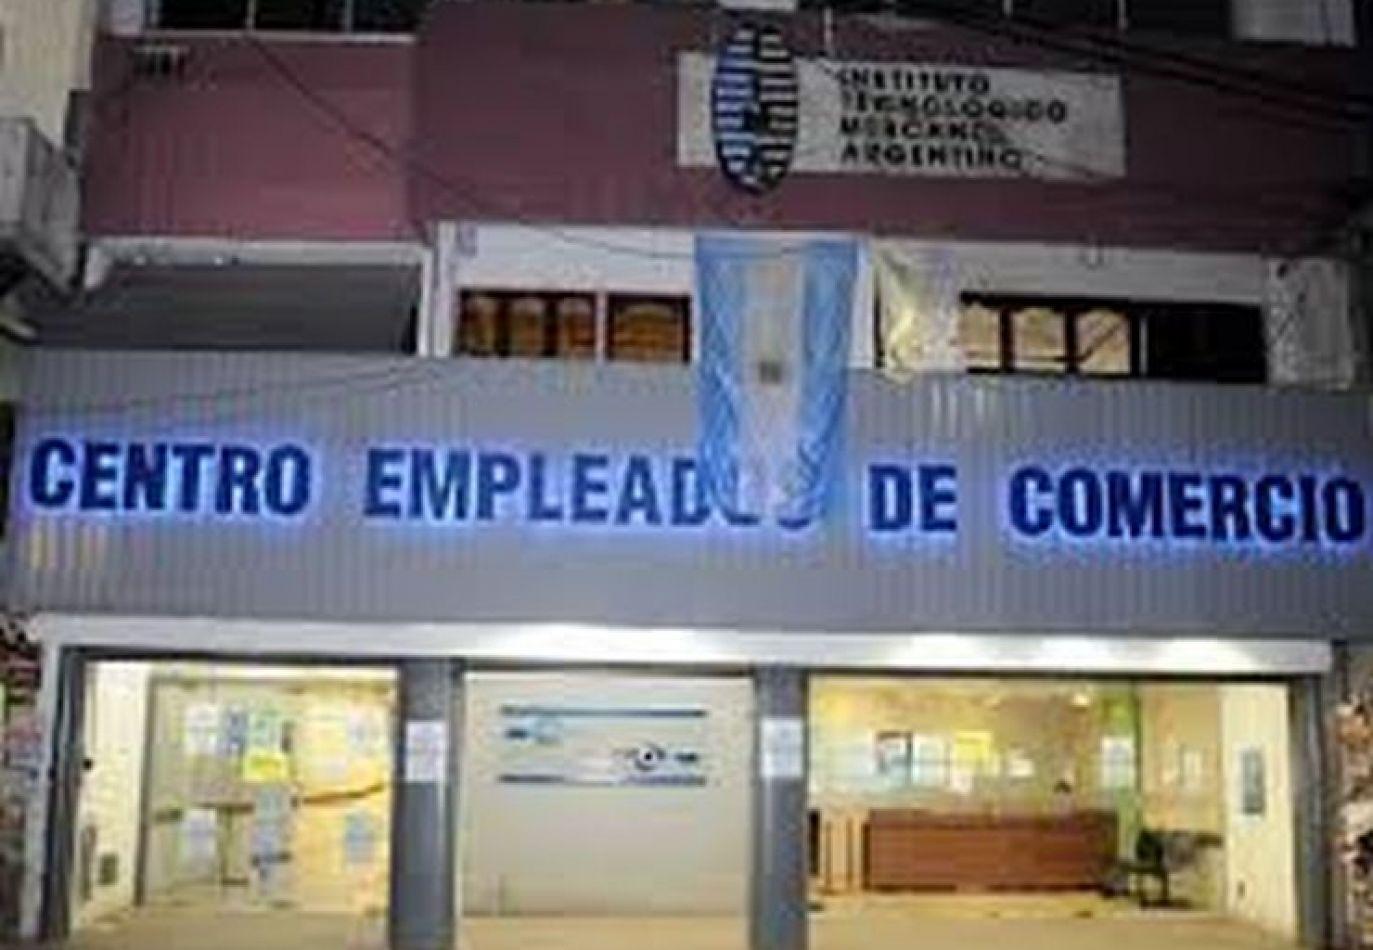 El Centro de Empleados de Comercio se reunirá para analizar cómo afecta la crisis al sector